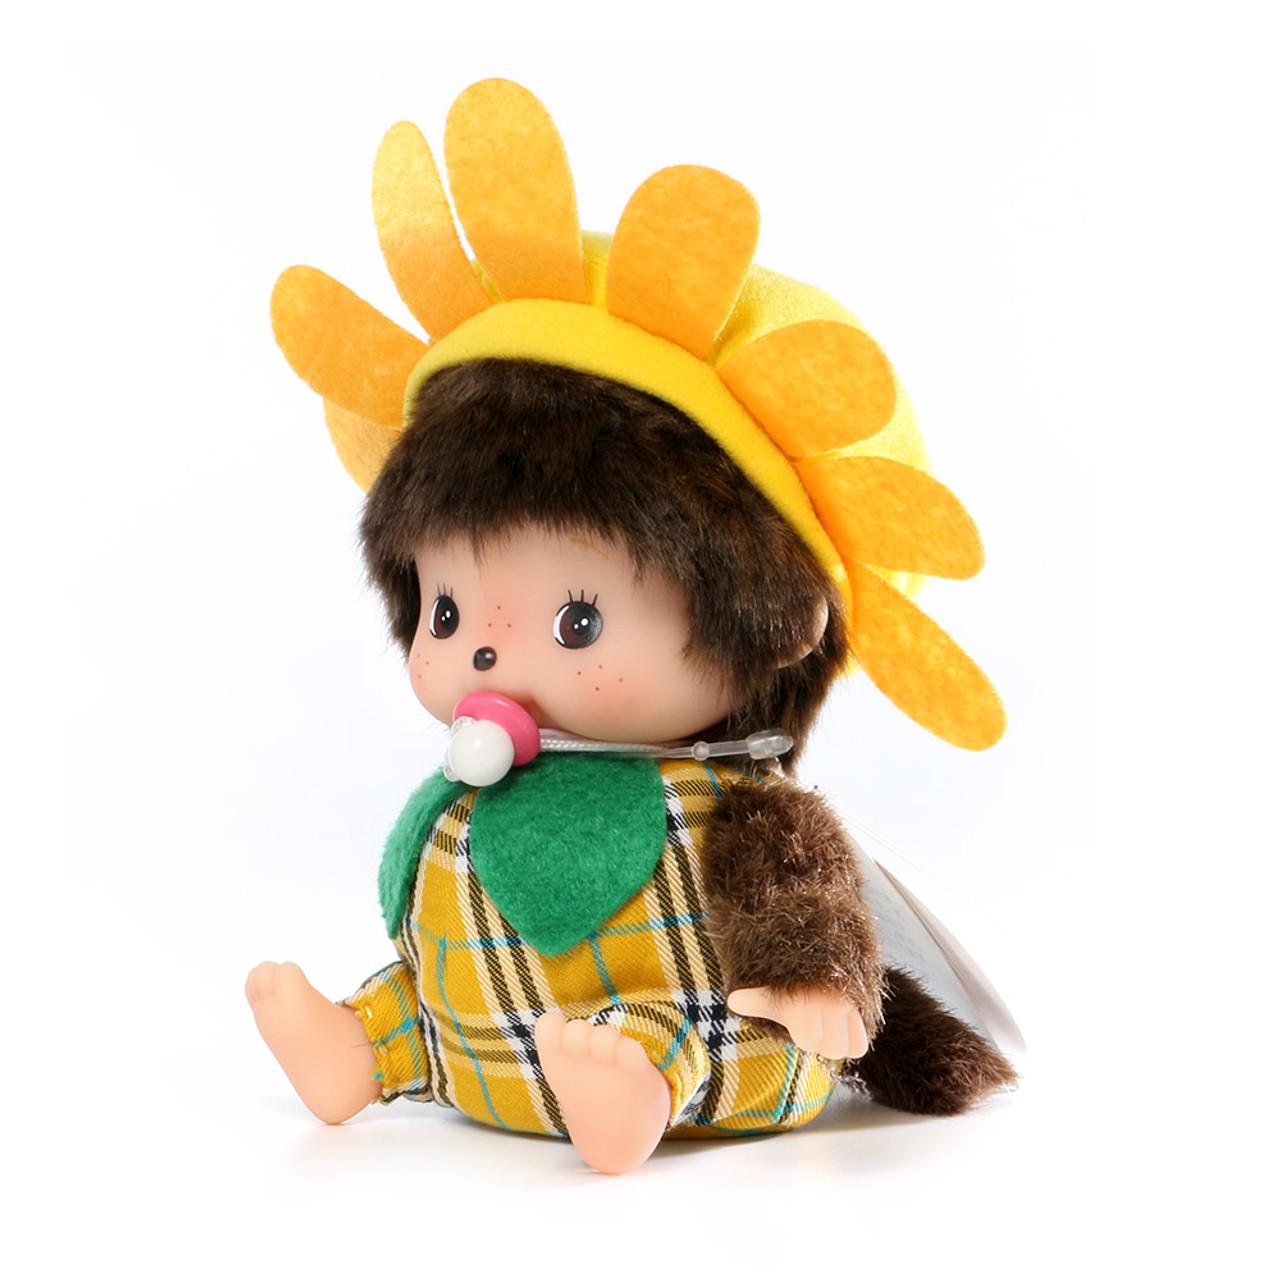 Sekiguchi Bebichhichi Birk Pineapple & Sunflower Costume Baby Plush Doll ( Side View )